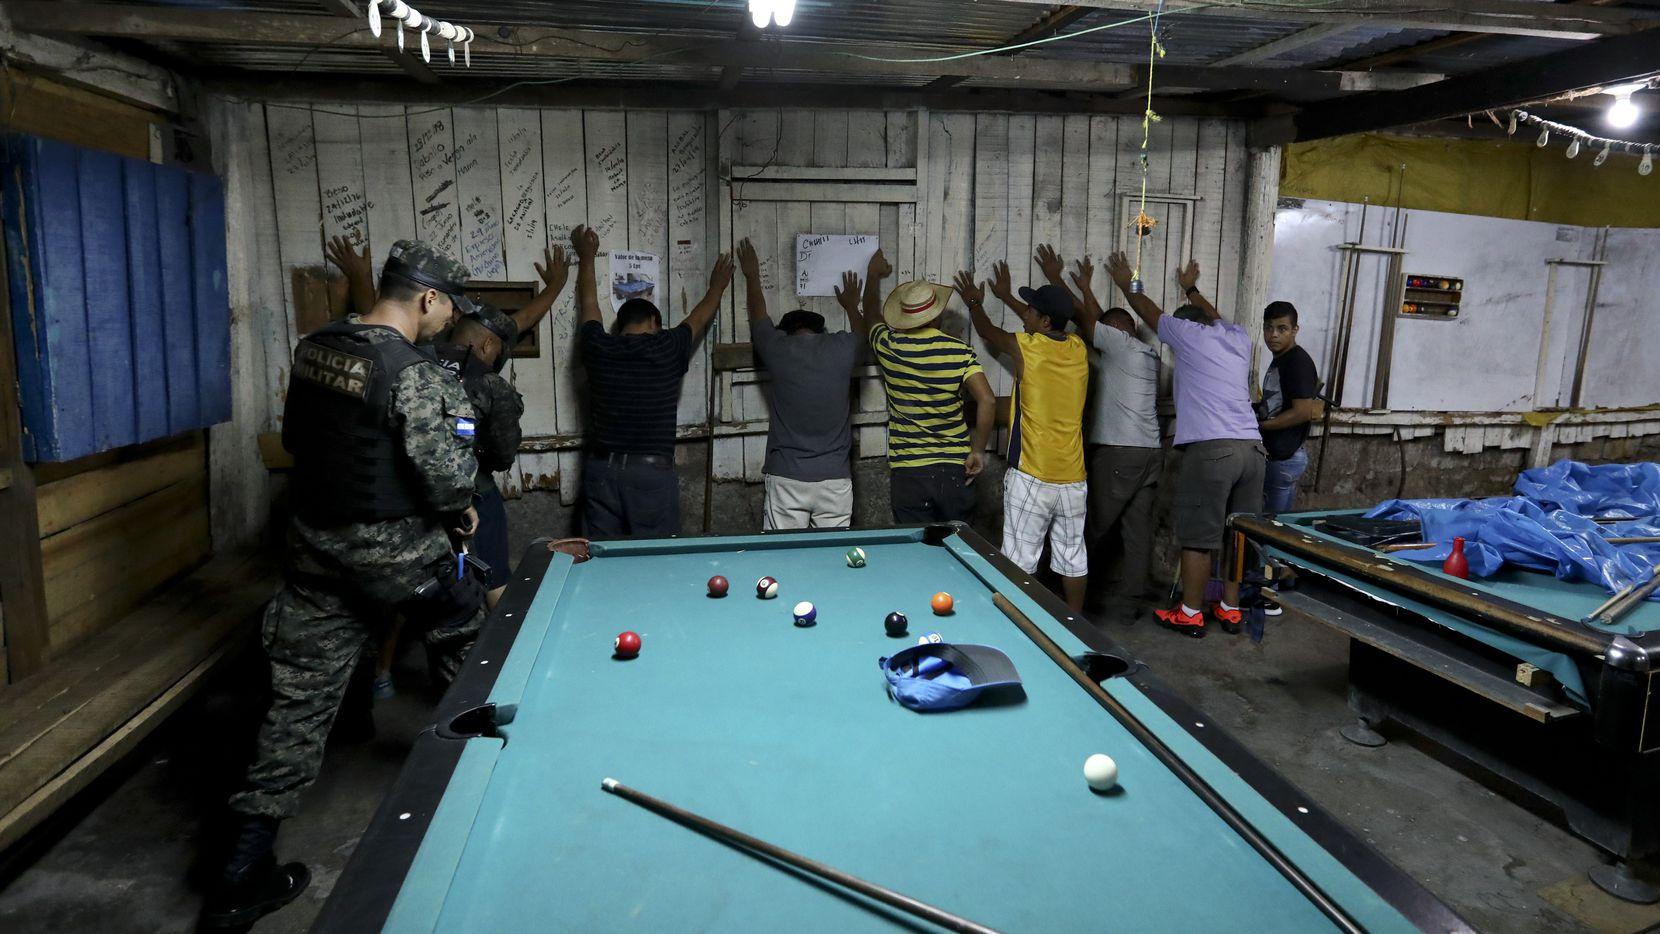 Soldados arrestan a varias personas en un salón de juego de billar en Tegucigalpa, Honduras.